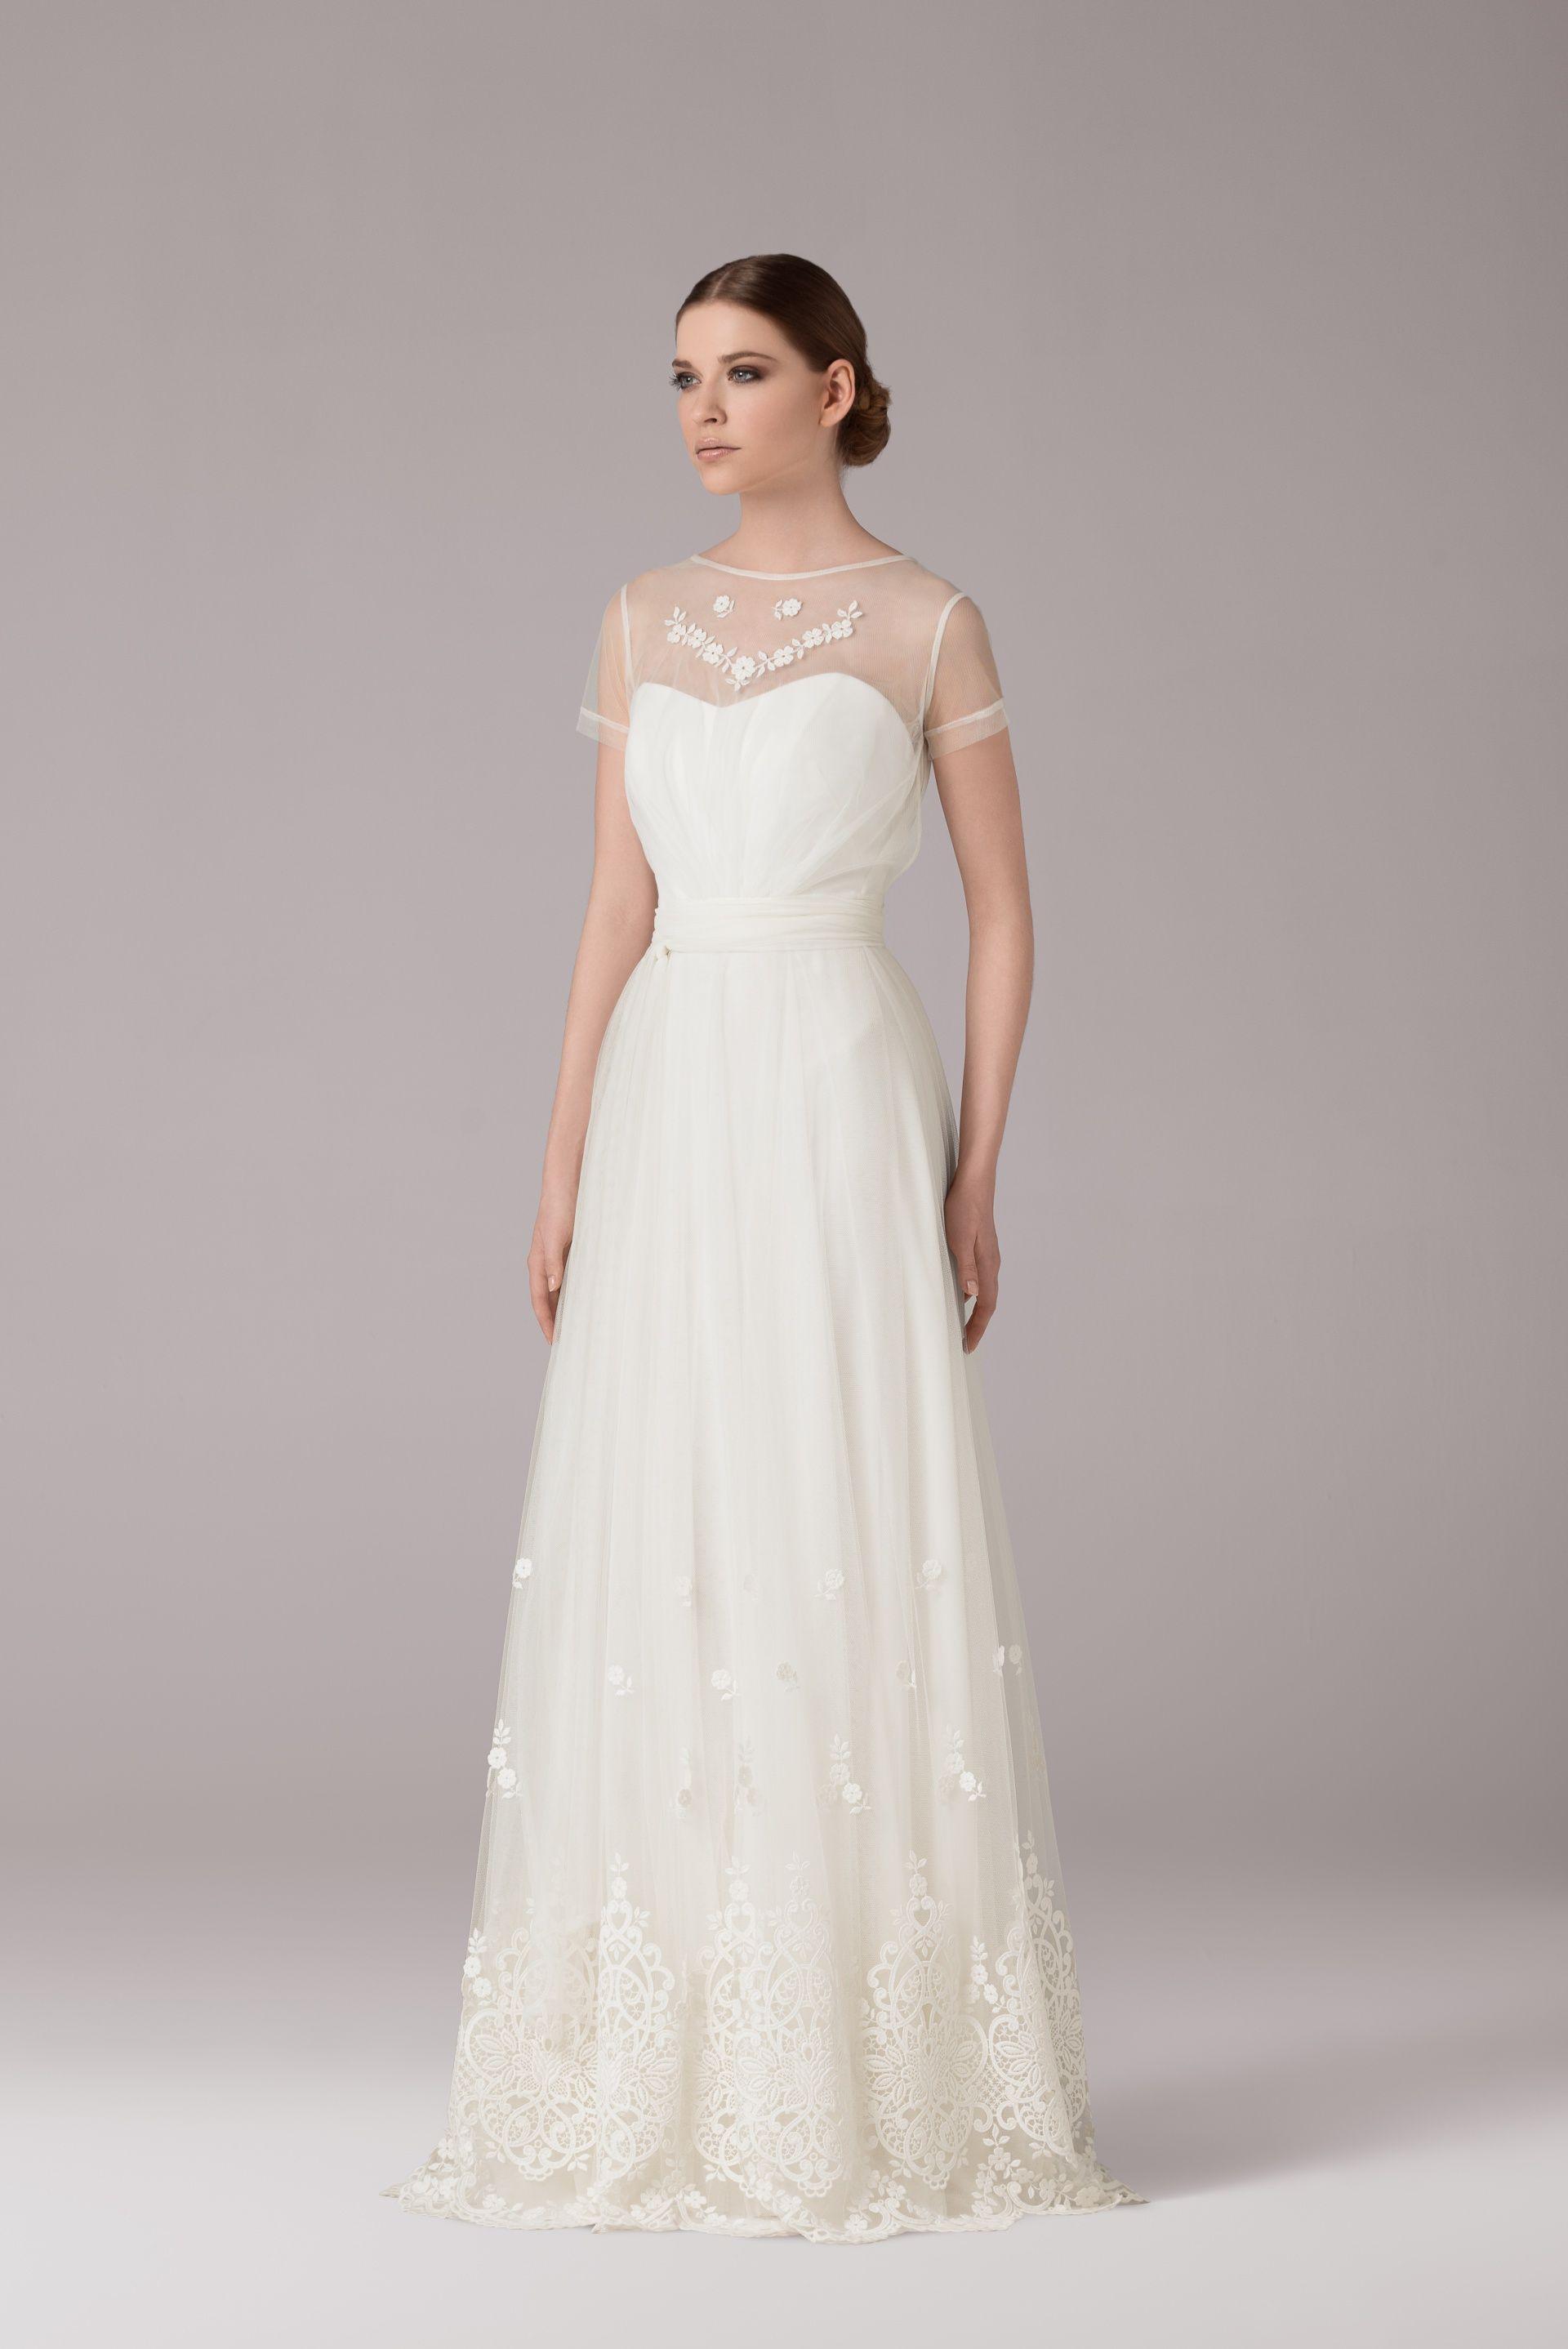 Annakara - GEORGIA  Hochzeitskleid retro, Kleid hochzeit